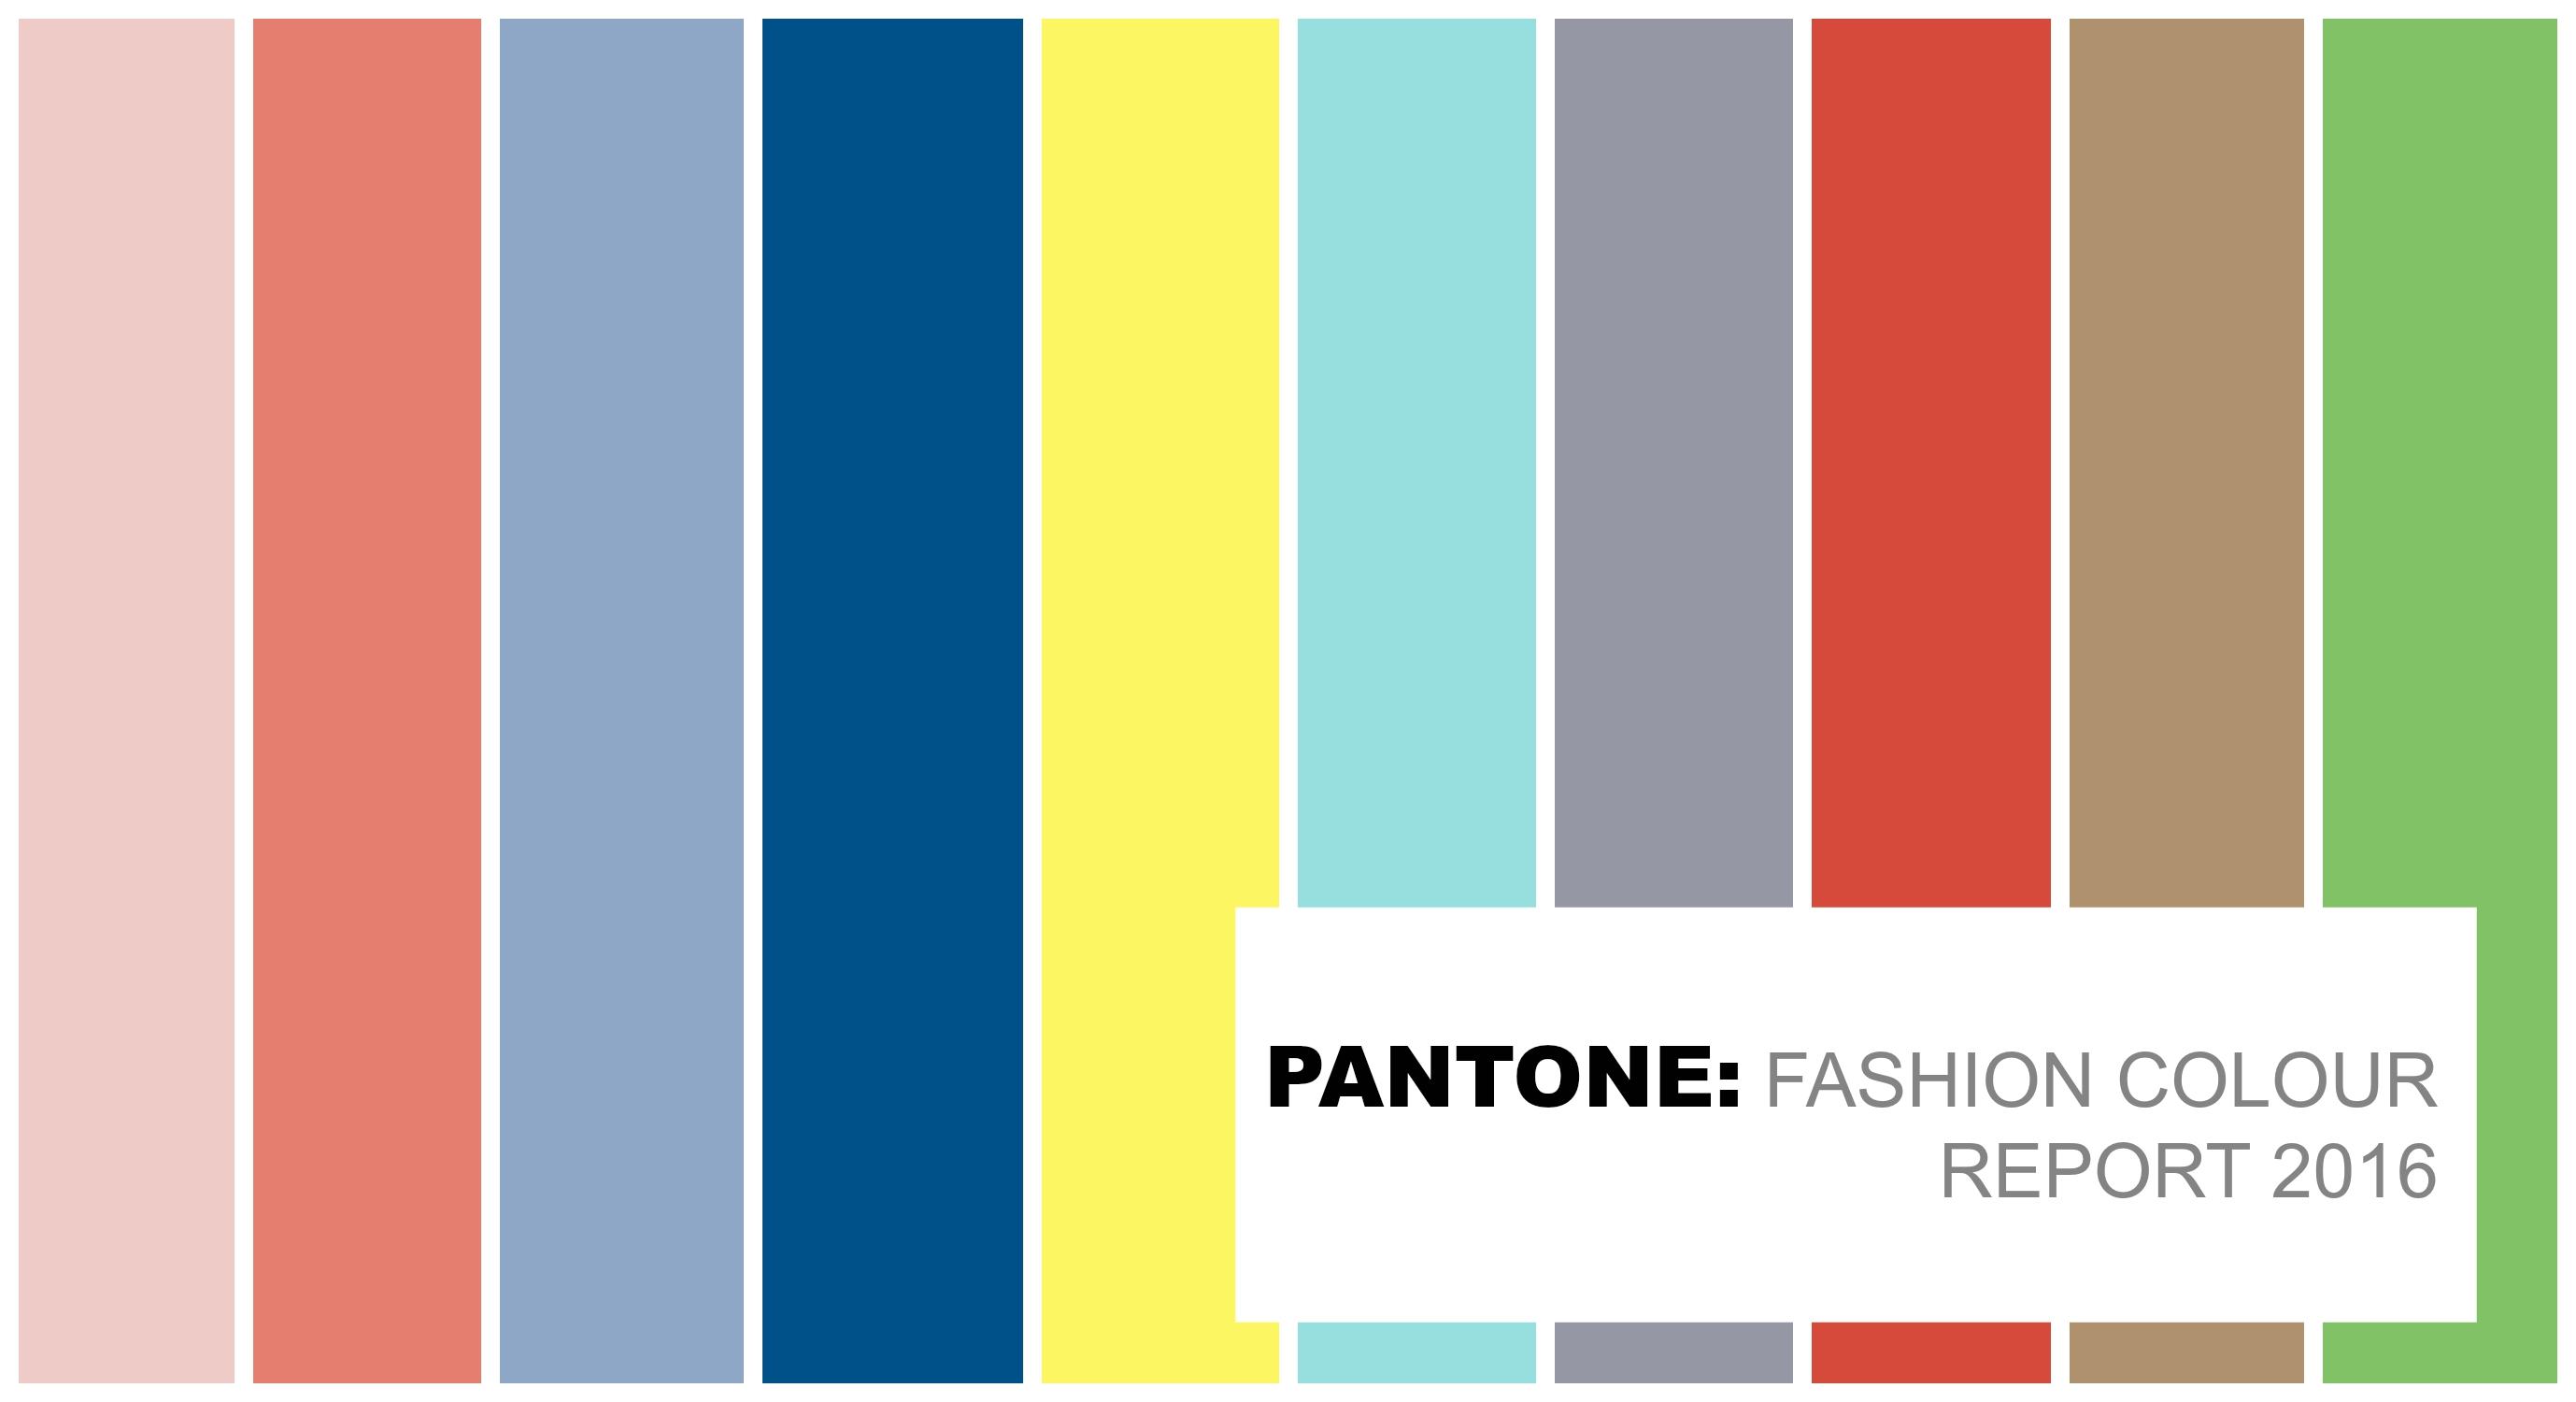 Pantone Color Of The Year Rose Quartz Amp Serenity My Design Agenda